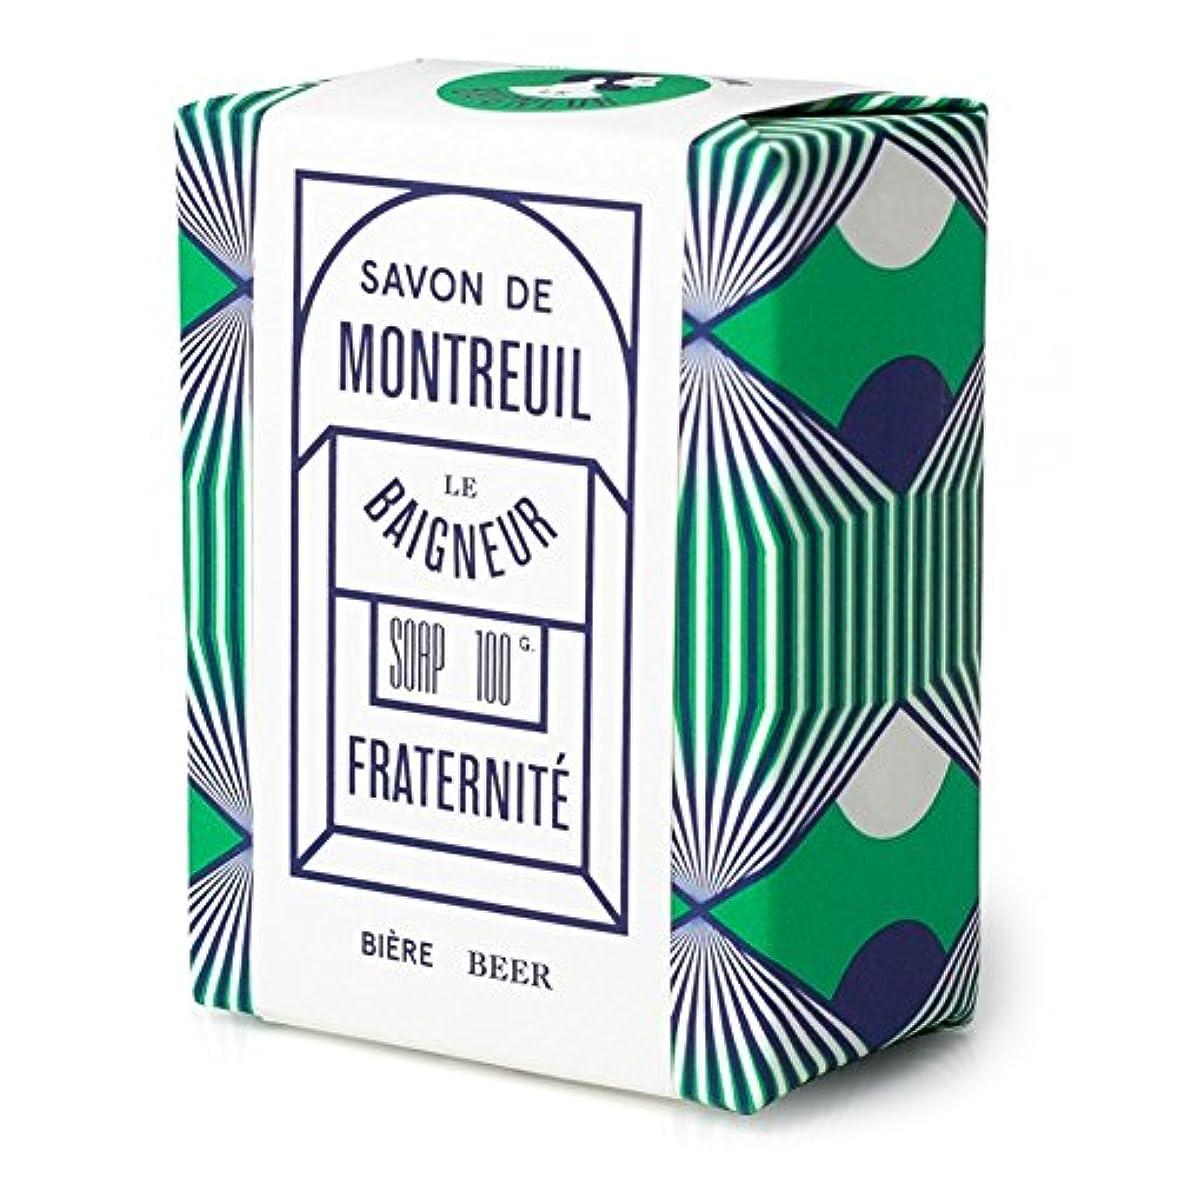 消防士荷物アラームル 石鹸100グラム x2 - Le Baigneur Fraternite Soap 100g (Pack of 2) [並行輸入品]